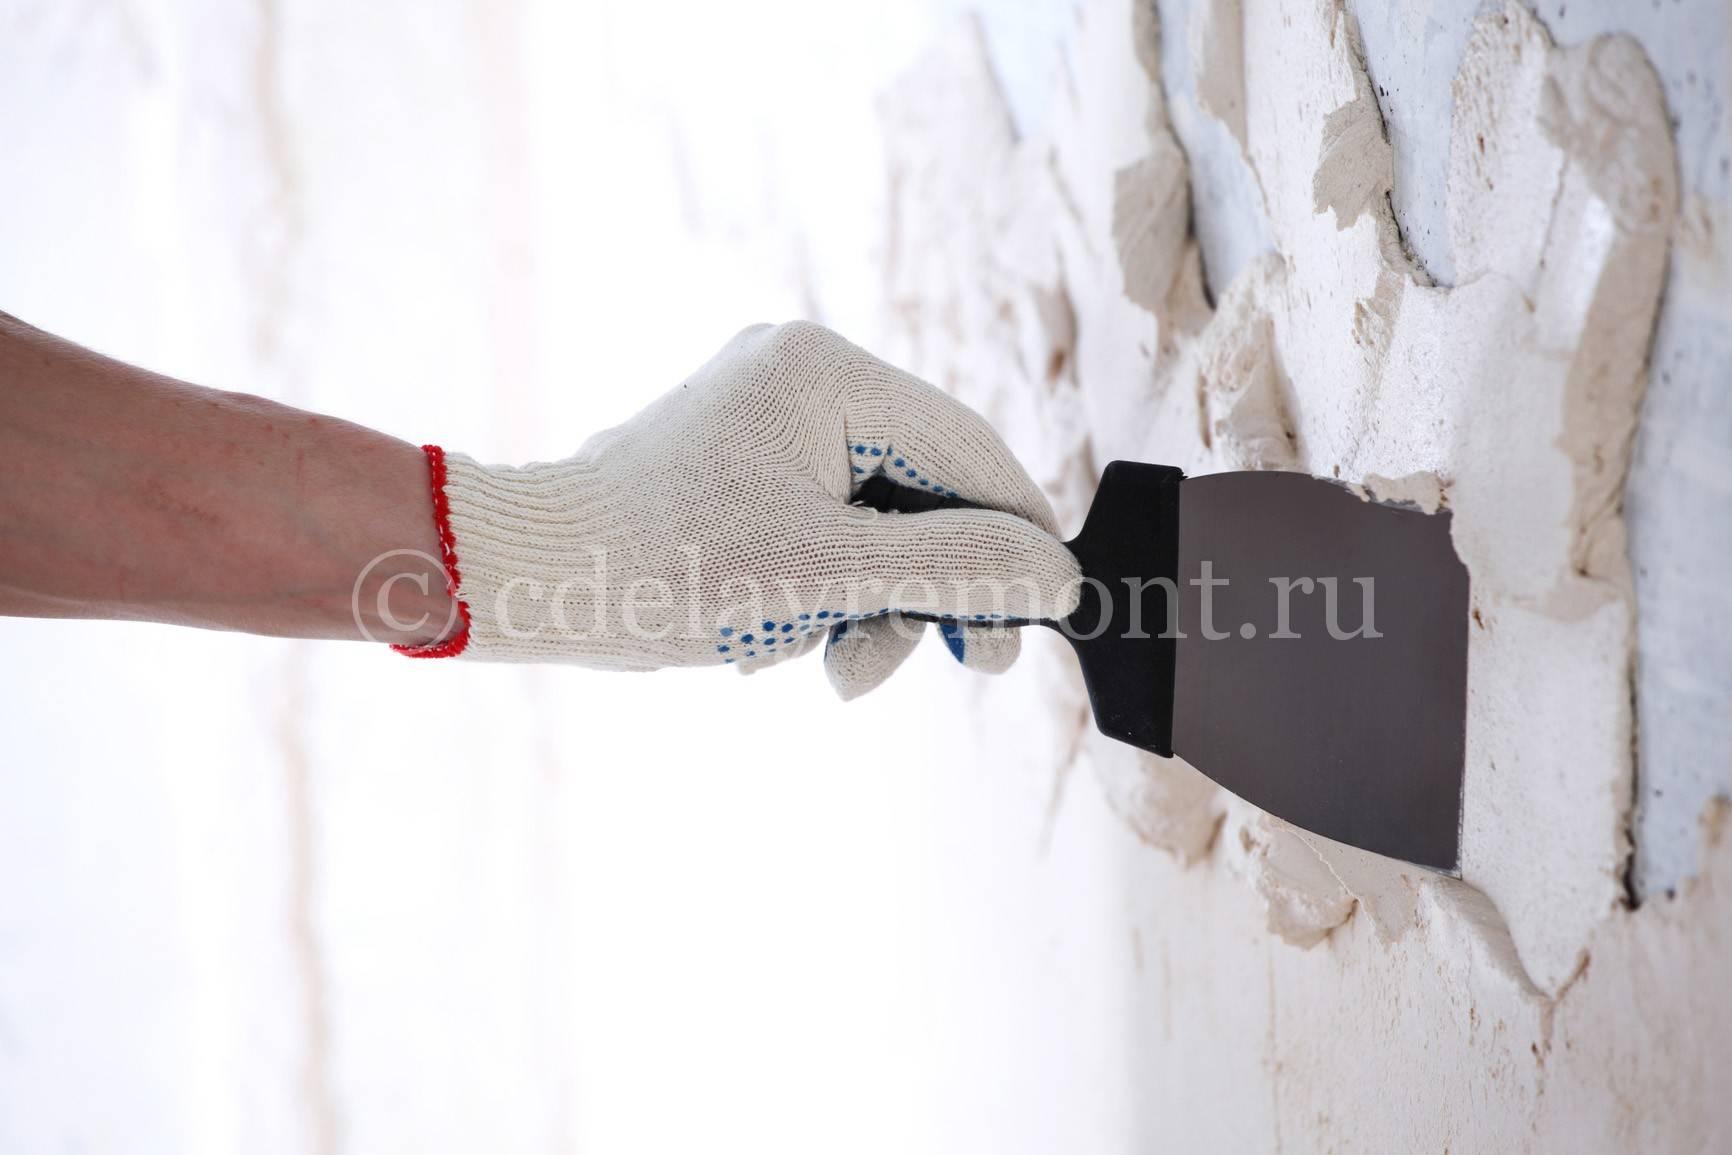 Штукатурка стен гипсовой штукатуркой: как разводить своими руками, как развести цементную смесь для оштукатуривания